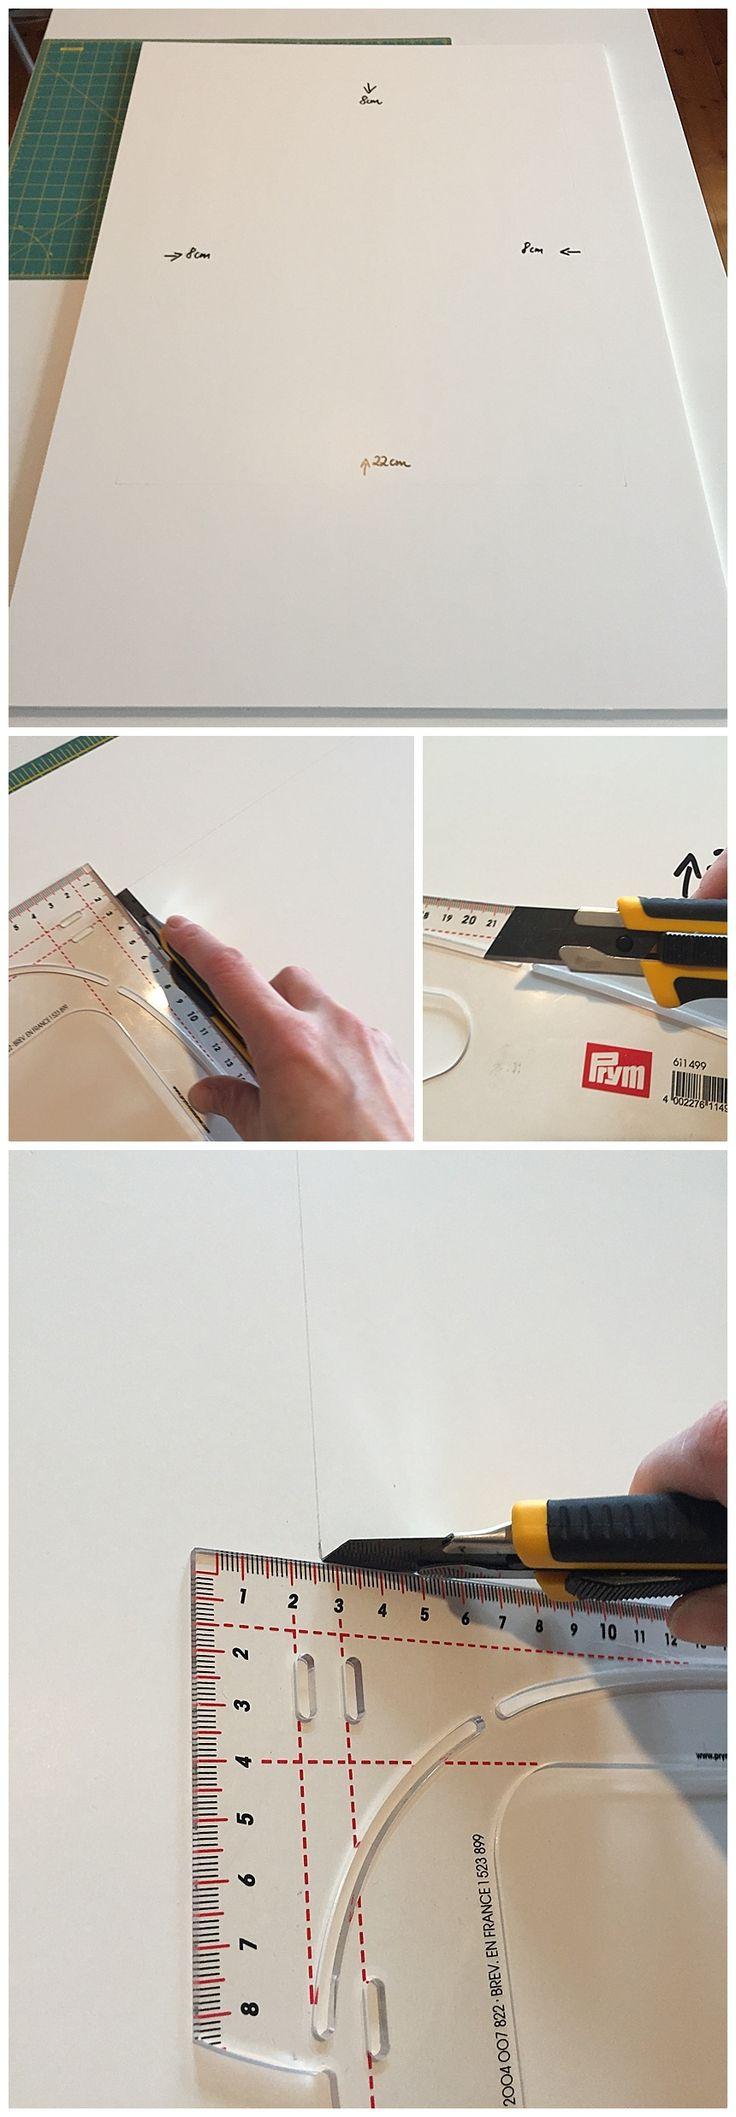 Wie macht man einen DIY Polaroid Photo Booth für Hochzeiten im Handumdrehen selber? Ein kleines DIY Tutorial auf dem Hochzeitsblog Wedding Board